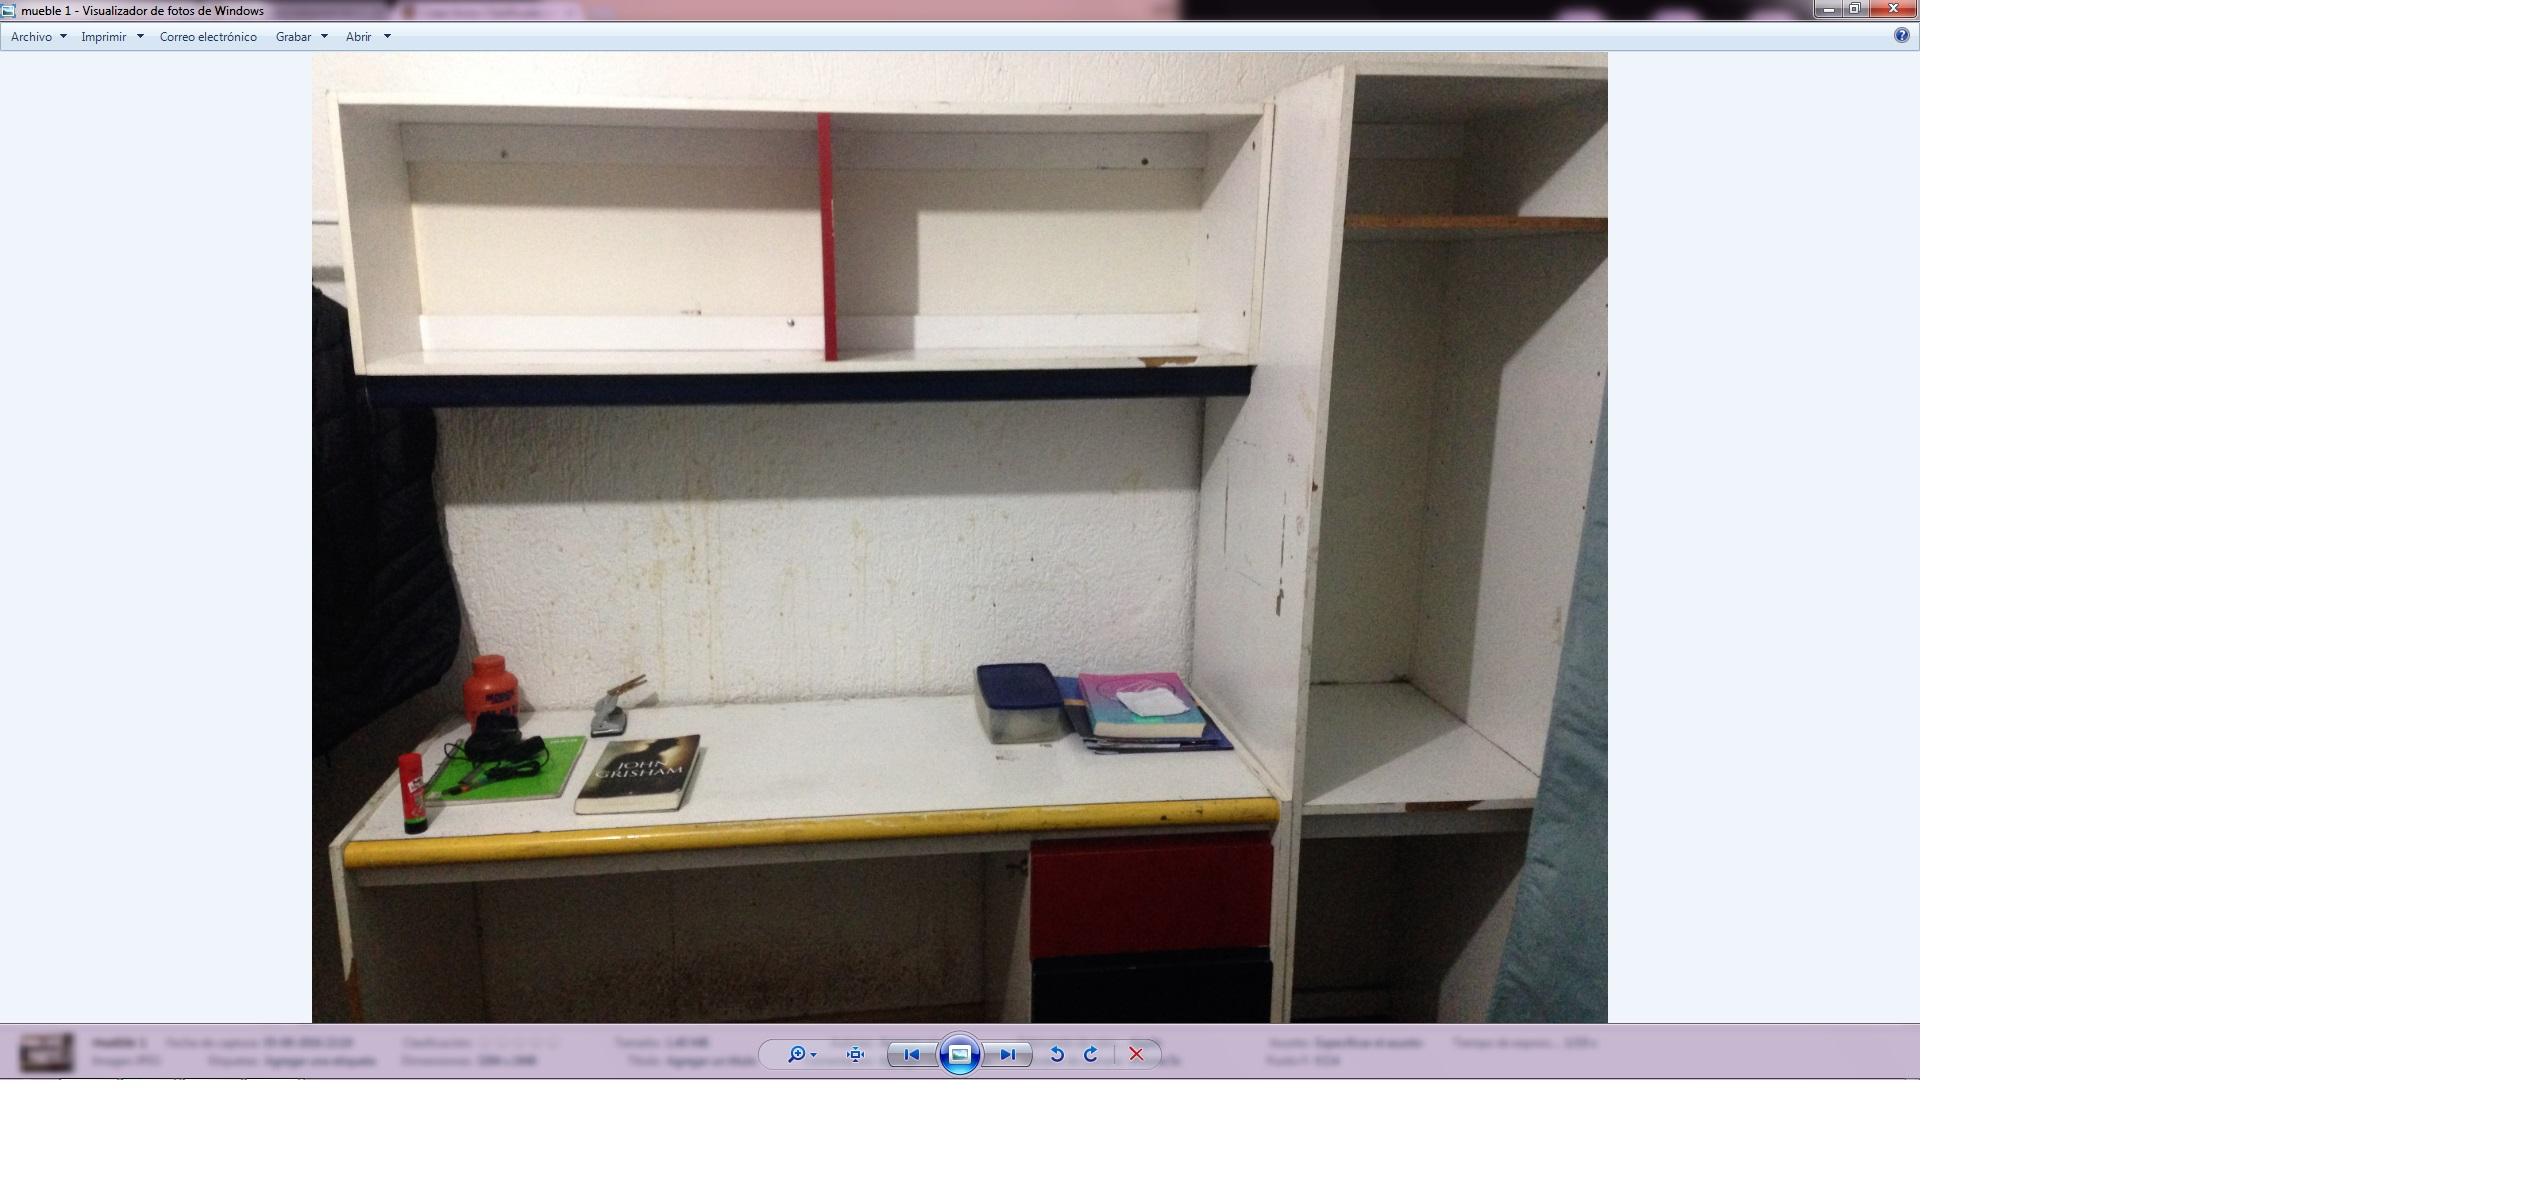 Vendo muebles avisos clasificados 2 0 - Muebles alcantara ...